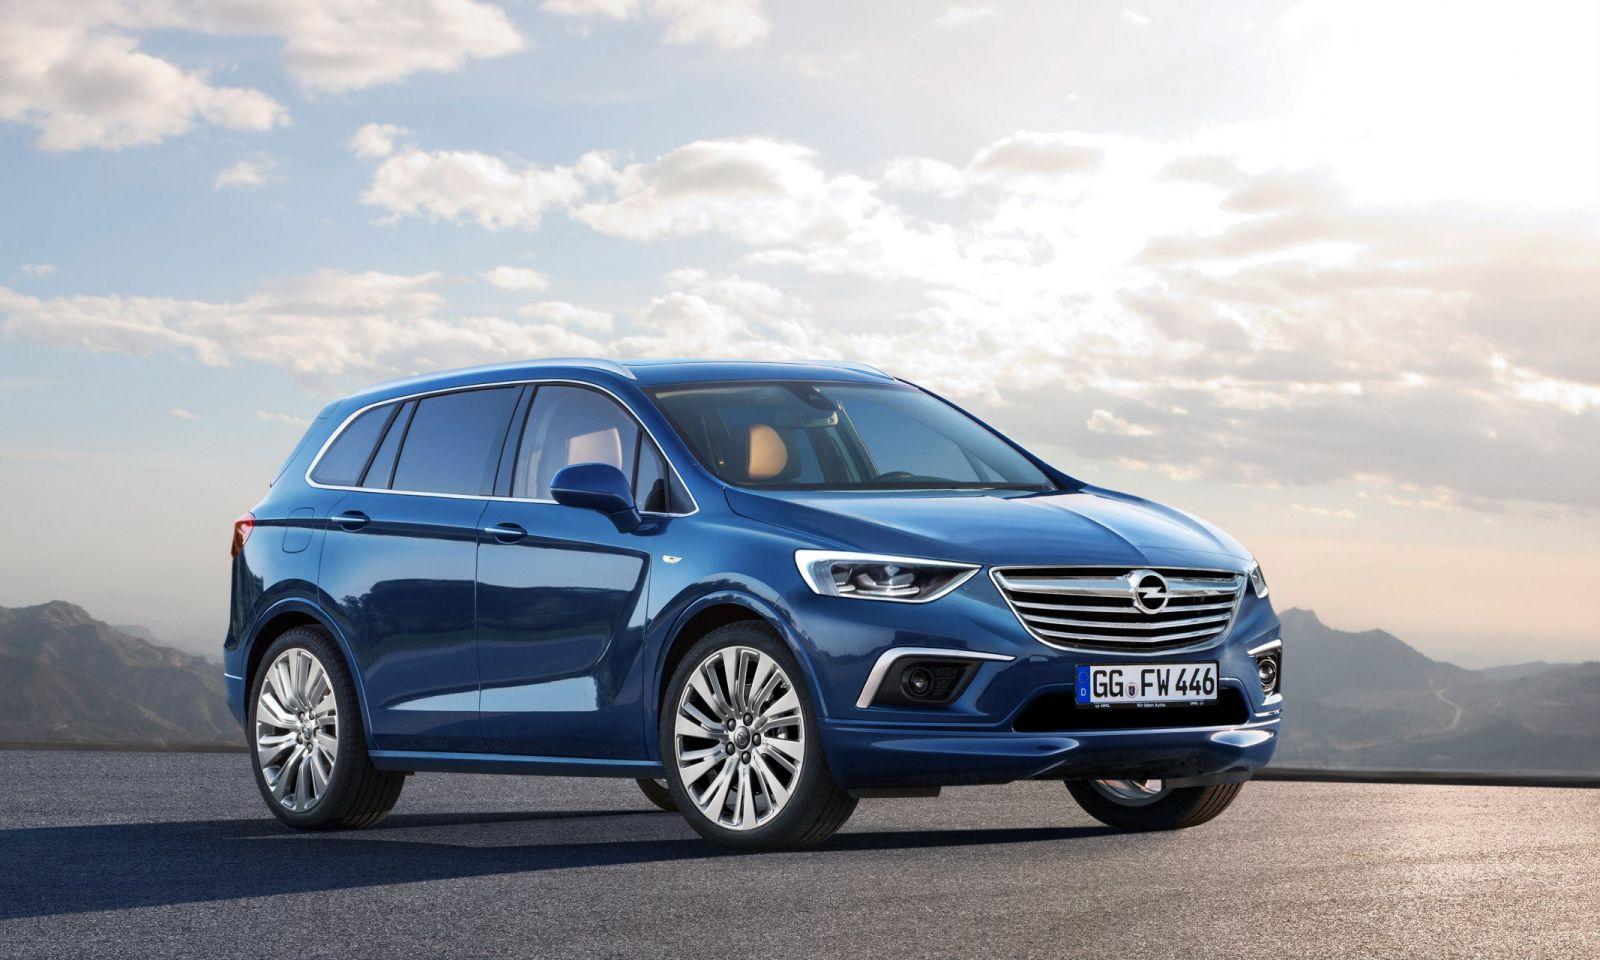 Opel Crossland X Leasen In 2017 Activlease